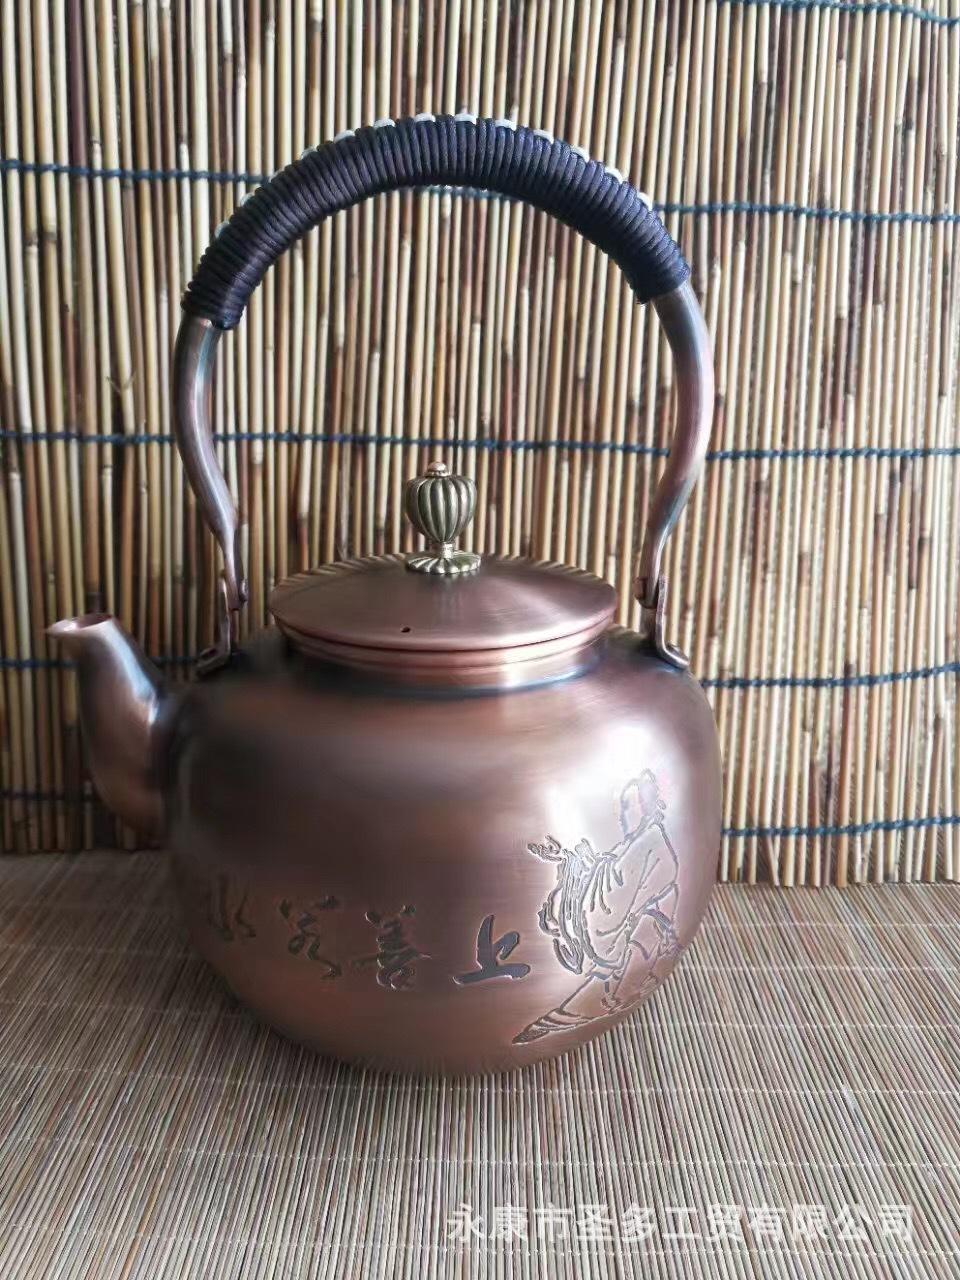 厂家批发纯手工铜壶烧水壶仿日本南部老铜茶壶养生功夫铜壶